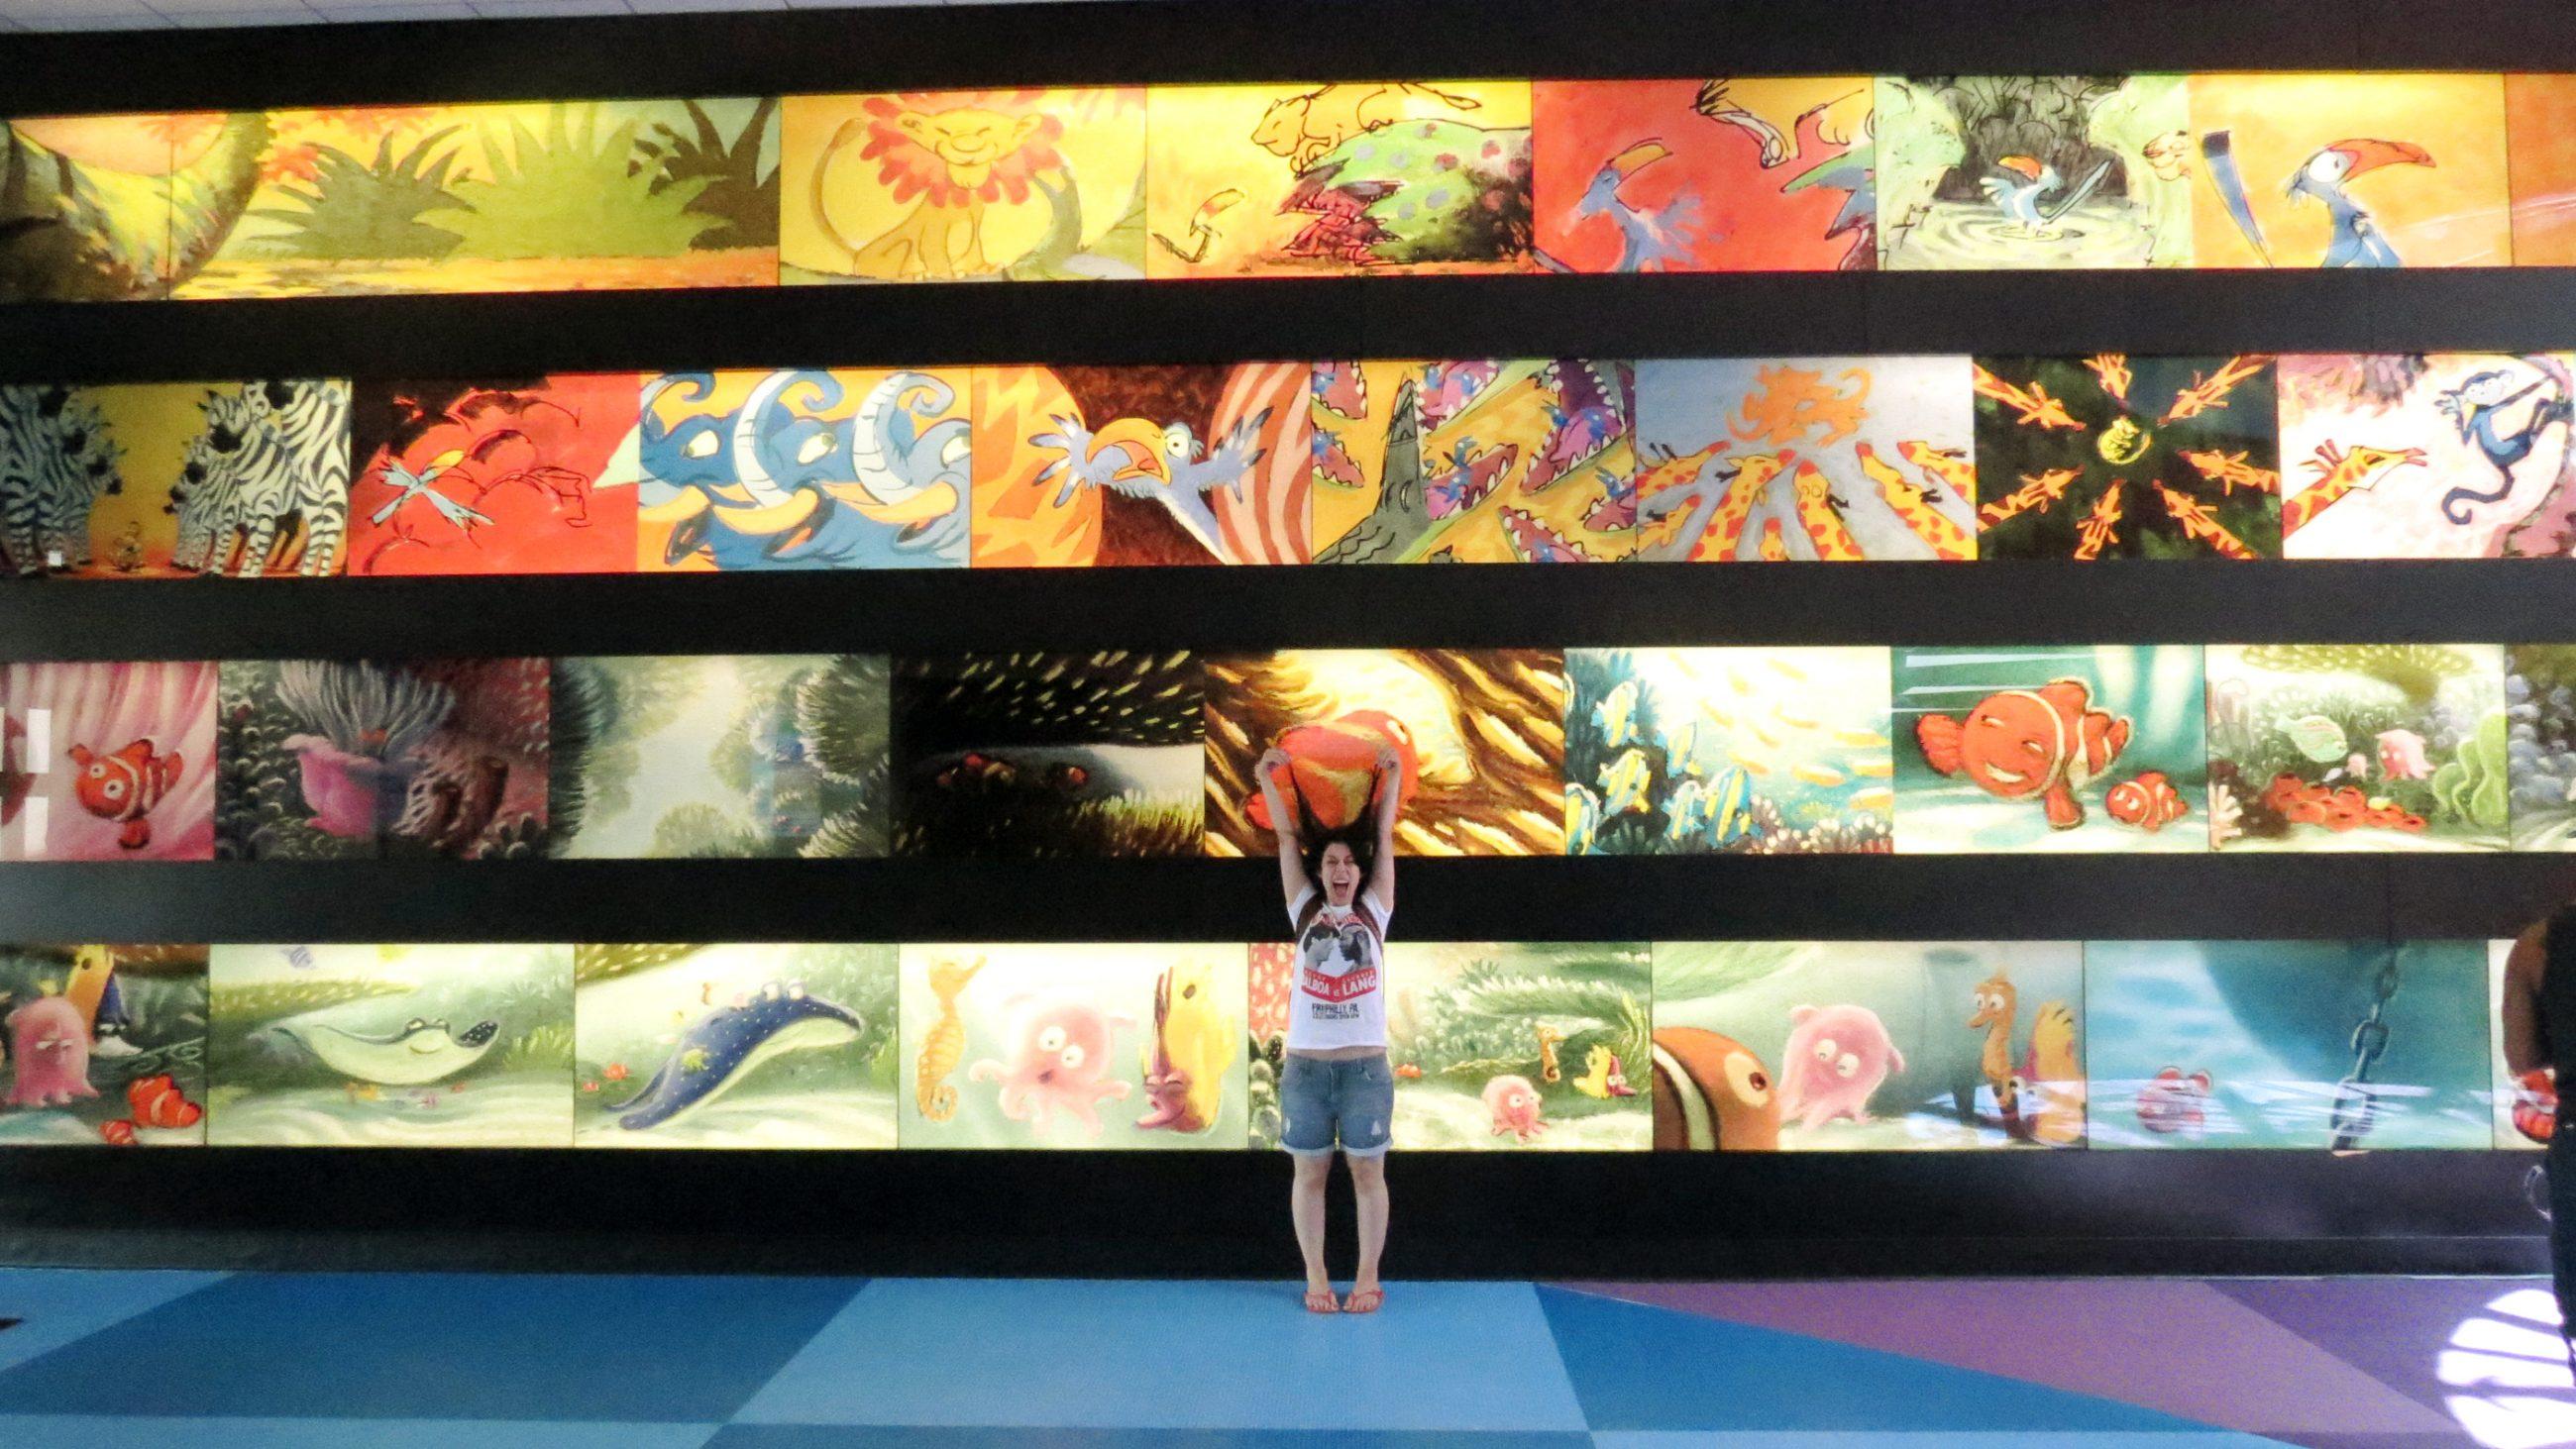 Vc precisa visitar:A gente ficou 4 dias num dos hotéis da Disney, oHotel Art of Animation e lá foi um dos lugares que eu mais me emocionei. Lá, vc também pode aprender a ilustrar com um dos artistas do Studio, que fica ali ensinando a galera a desenhar, com passos rápidos e toda a destreza de um profissional da Disney ;)